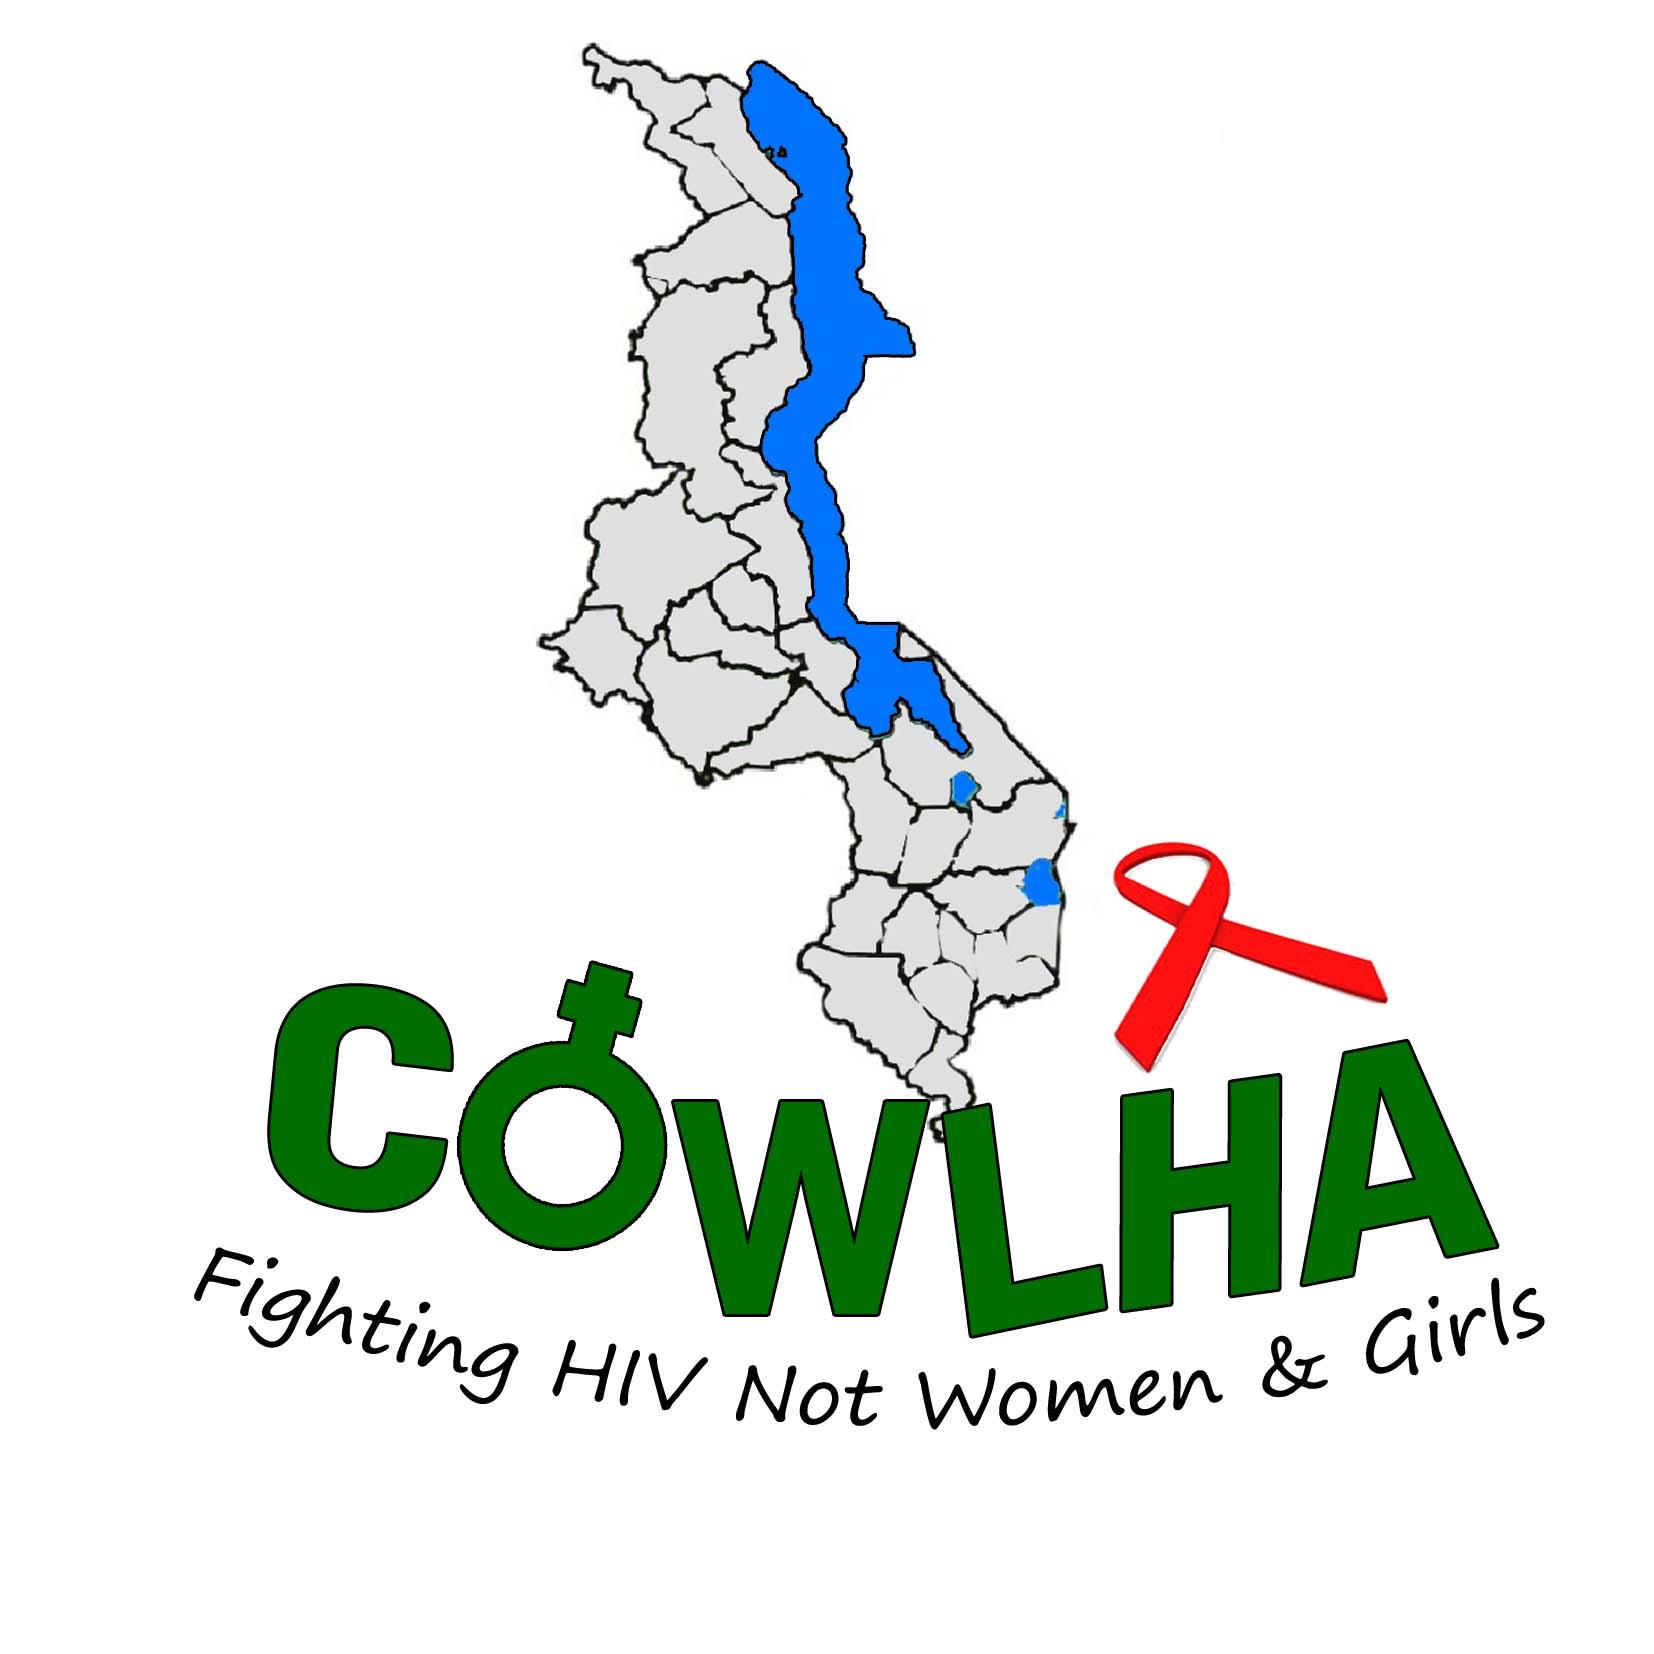 cowlha.org